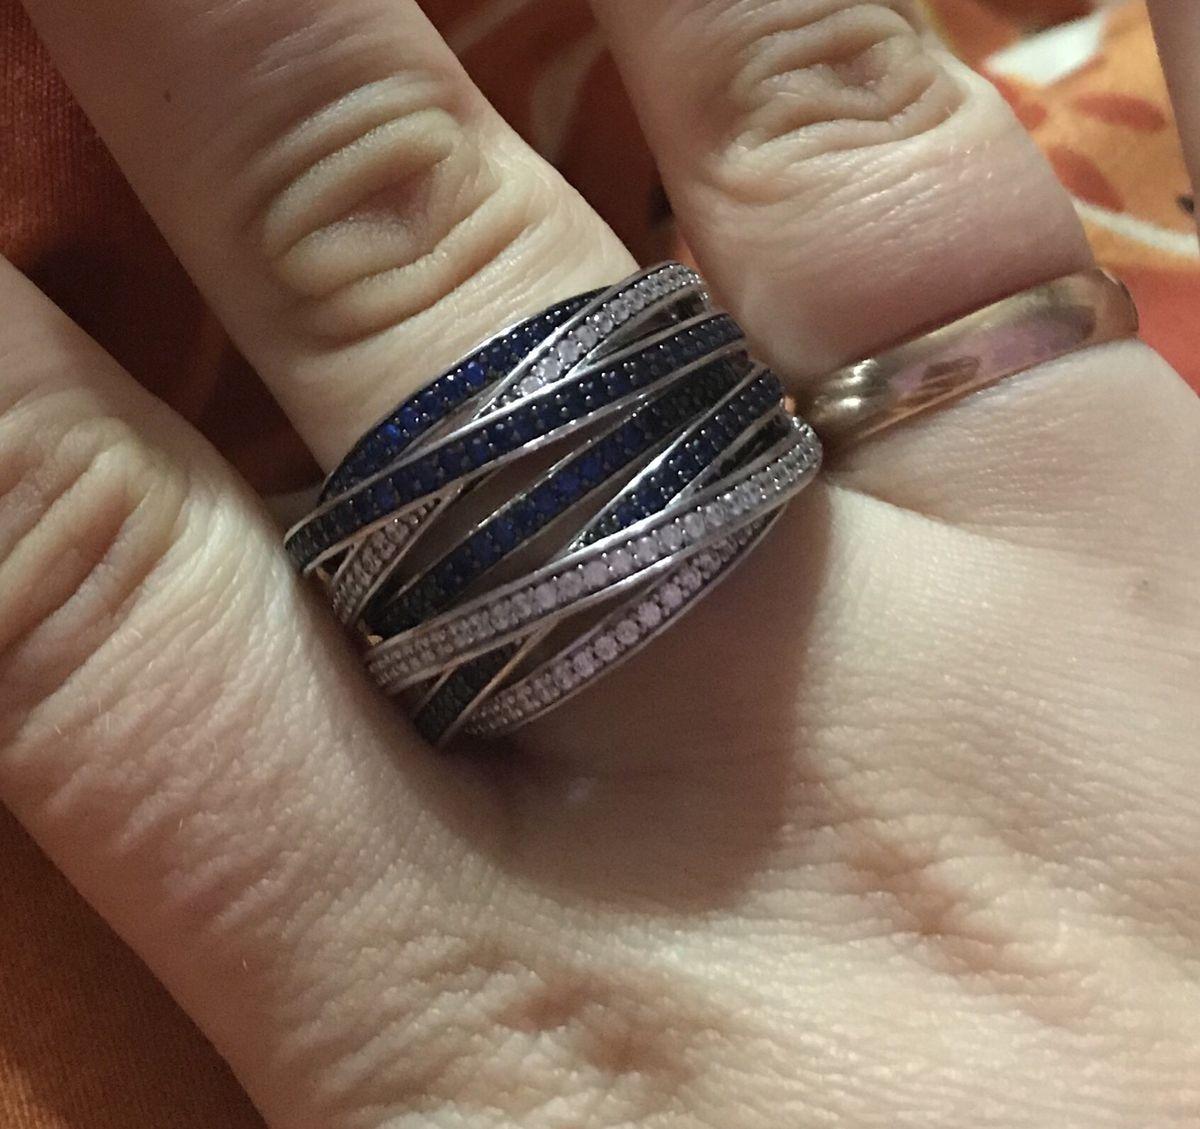 Очень классное и стильное кольцо под любой наряд